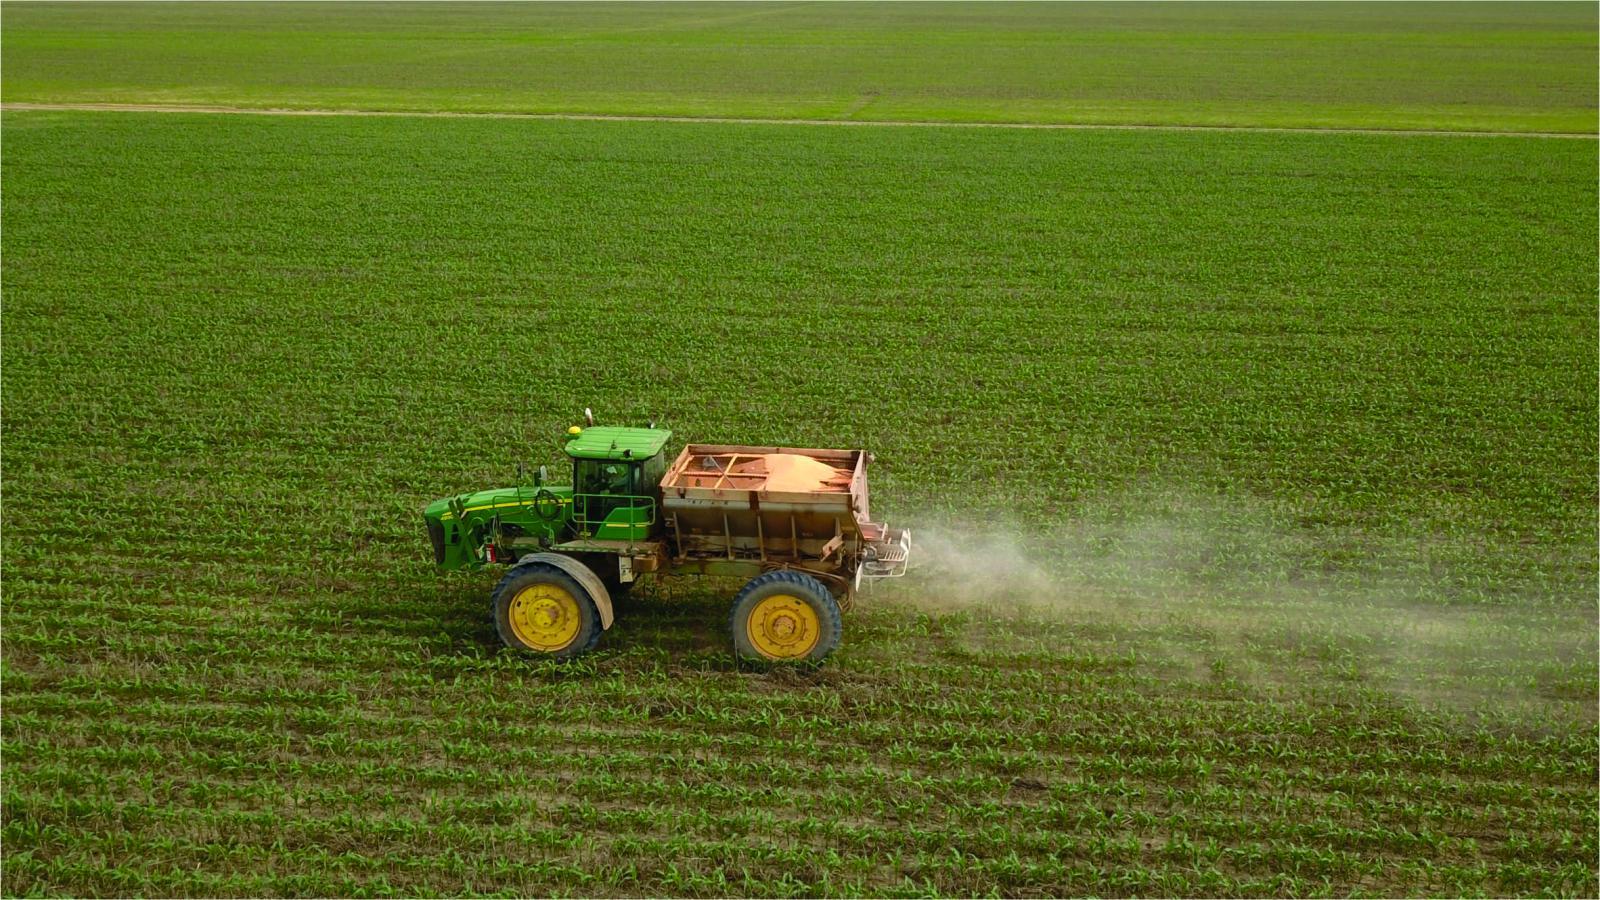 images/2018/04/carroll-farms-farmstead-45-gb1-1523484594mtuymzq4ndu5na.jpg